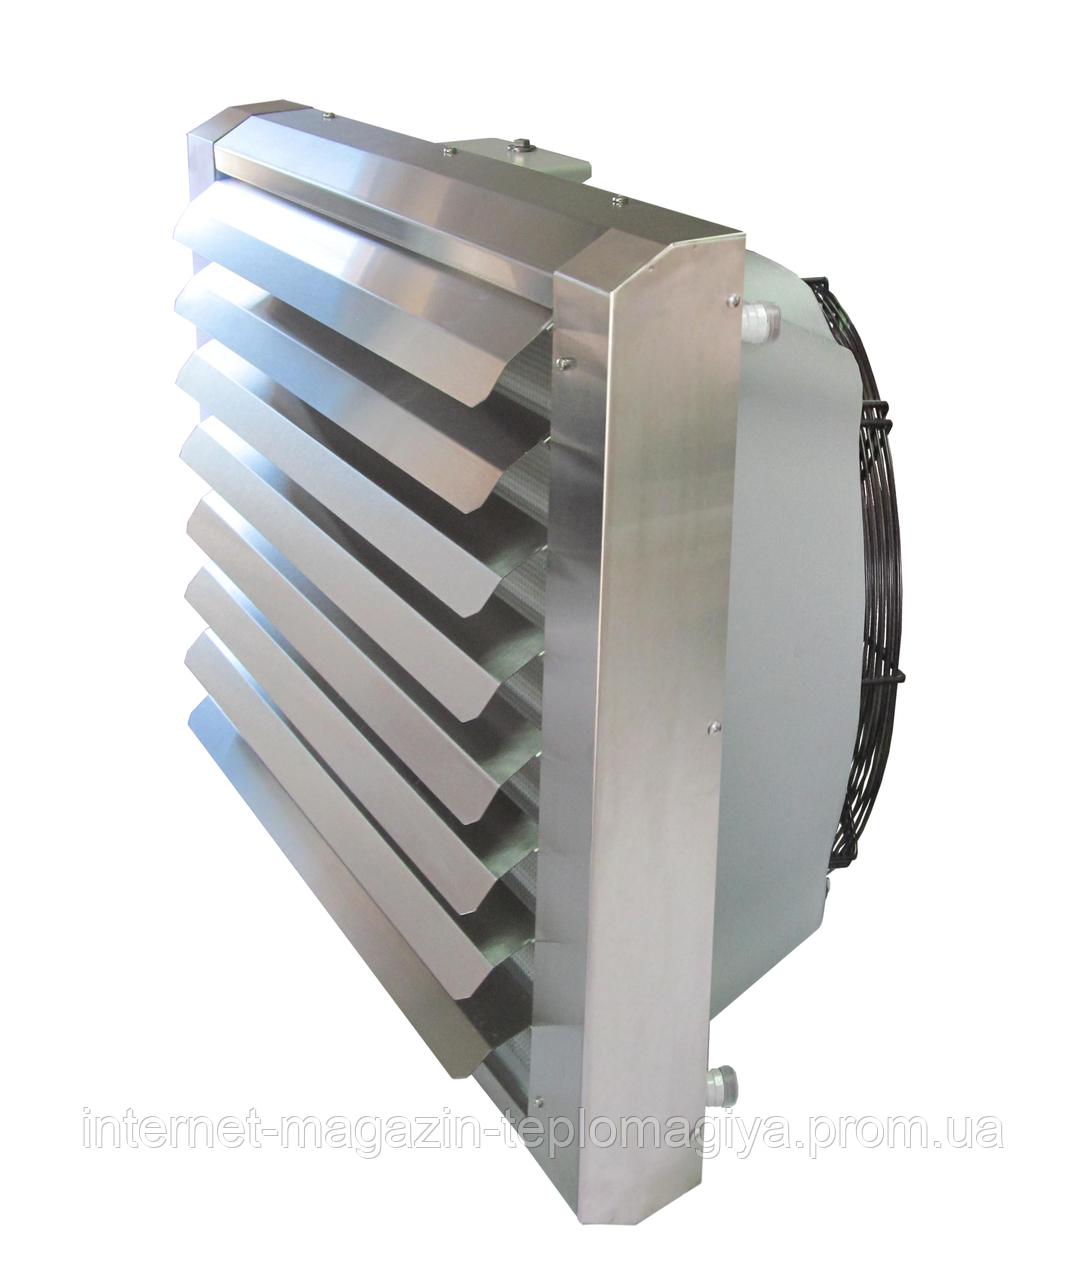 Тепловентилятор TREVENT AGRO ABS-55 230B